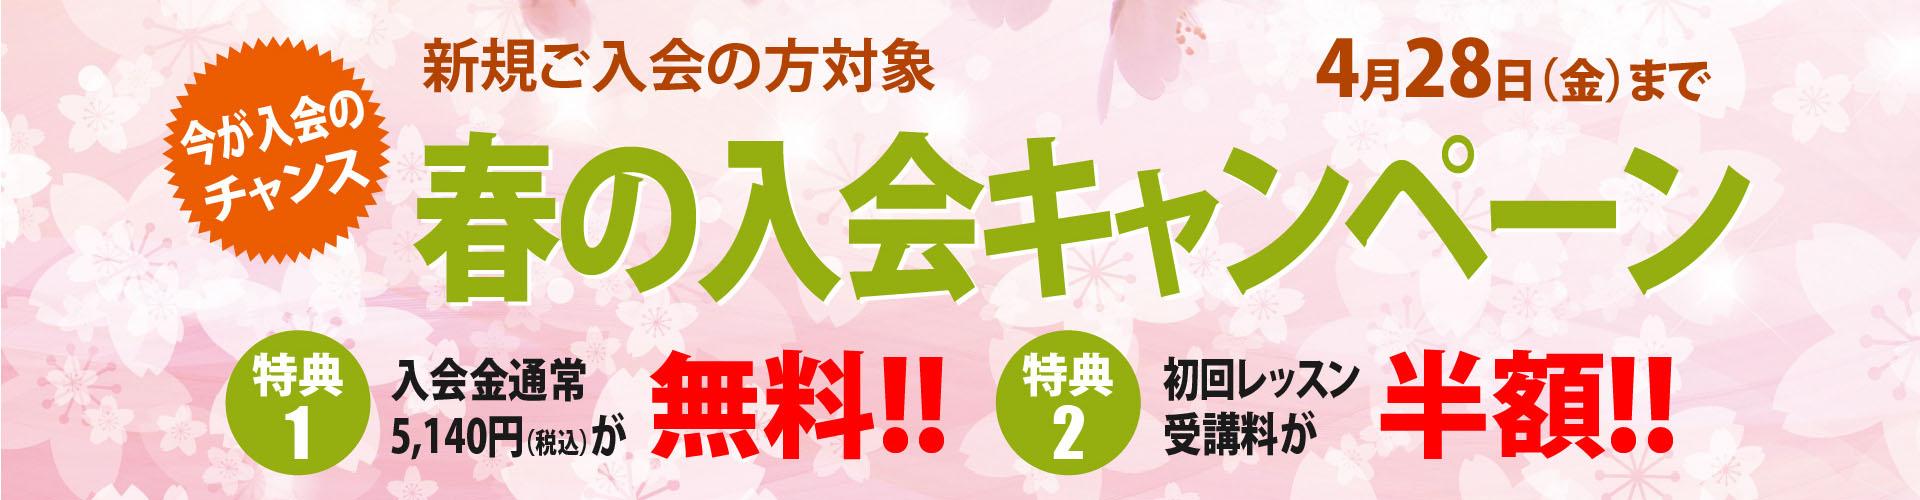 「春の入会キャンペーン」開催中!